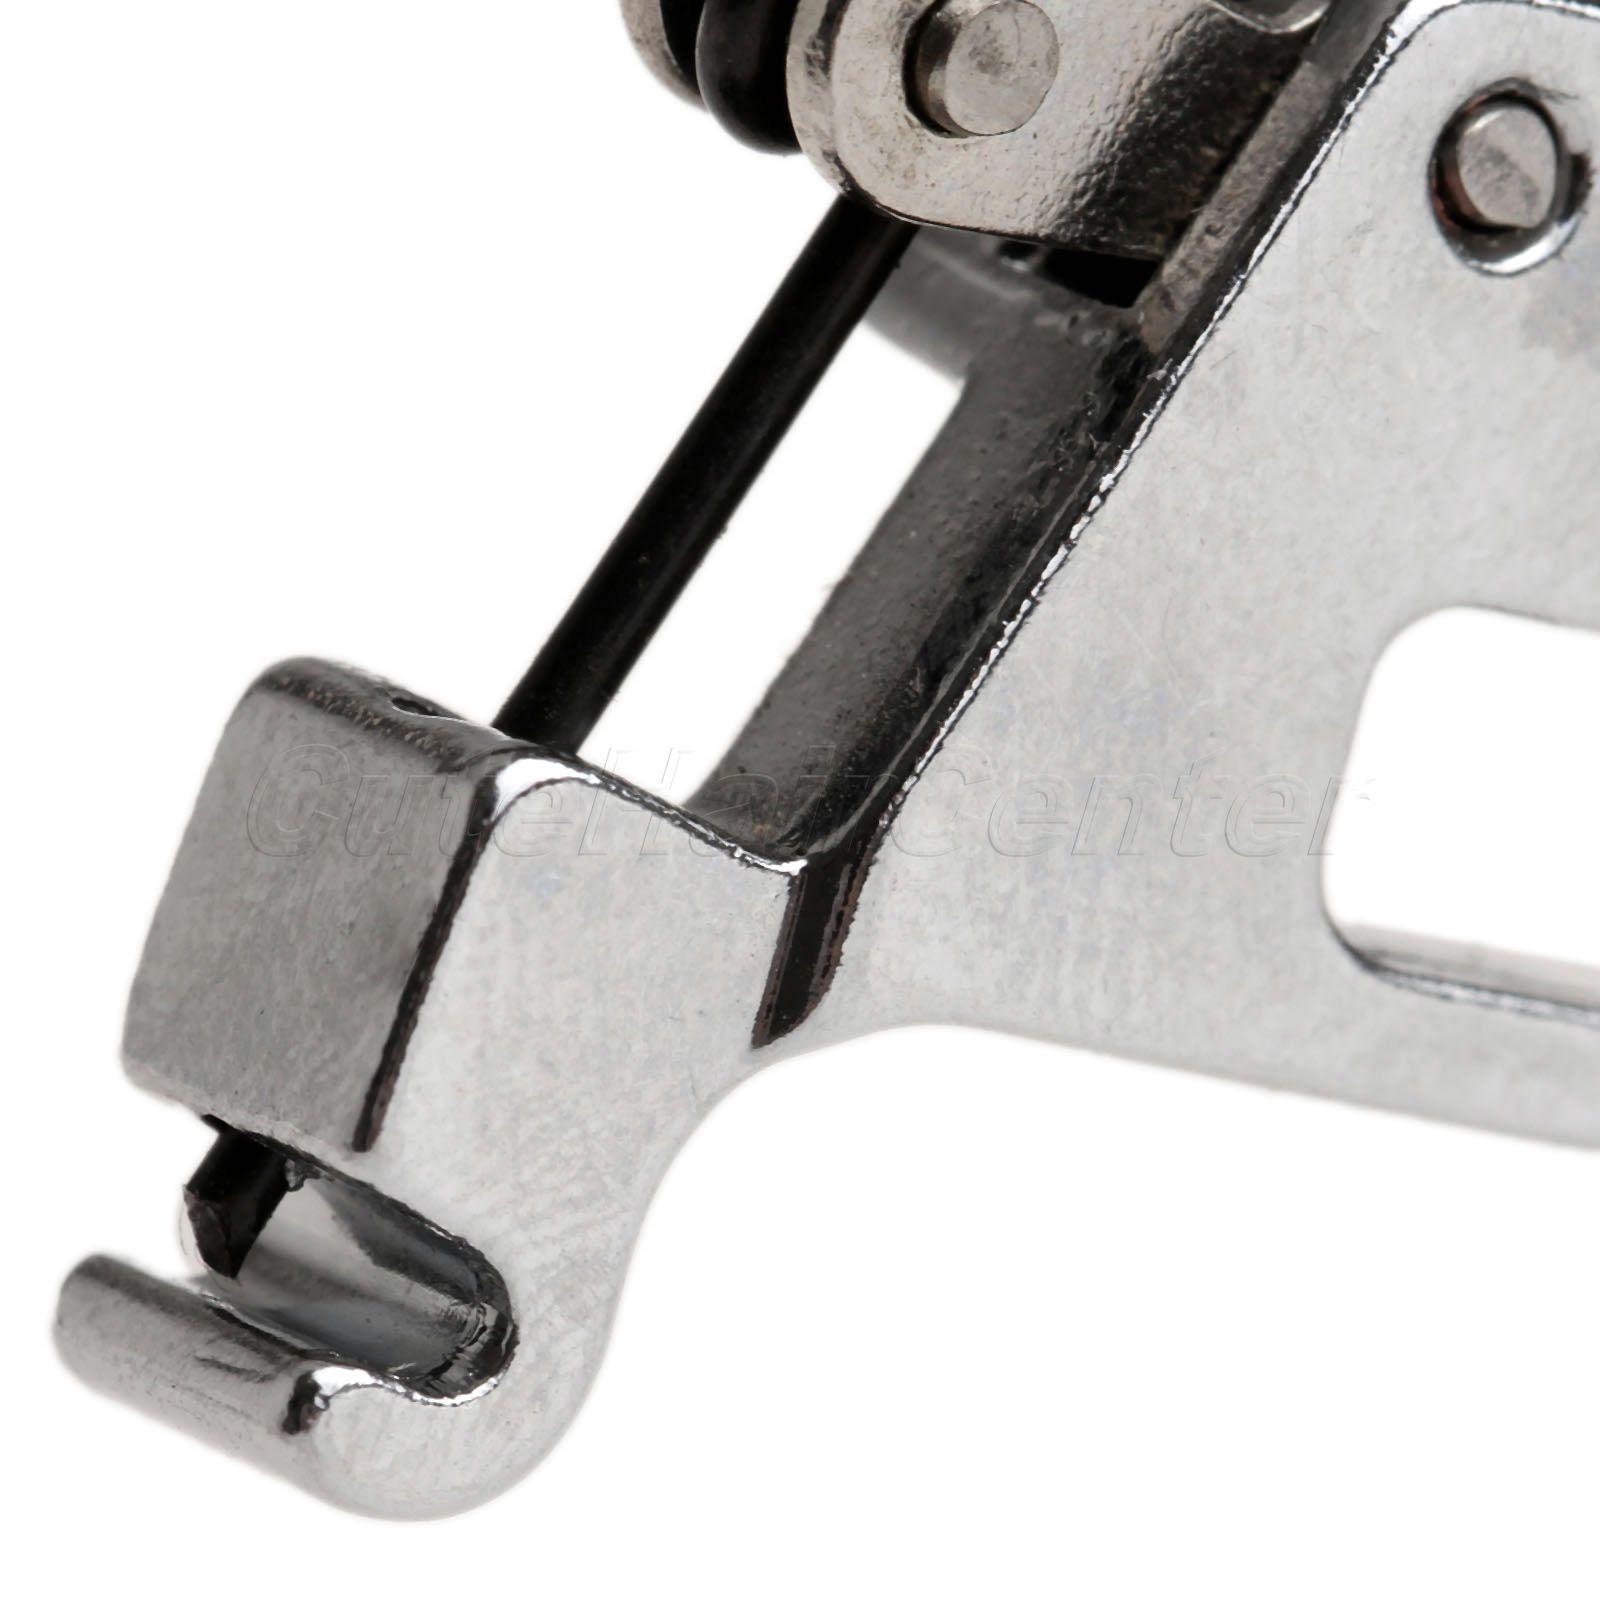 Hicello 1 stück Inland Nähmaschine Nähfuß Niedrigen Schaft Snap - Kunst, Handwerk und Nähen - Foto 3